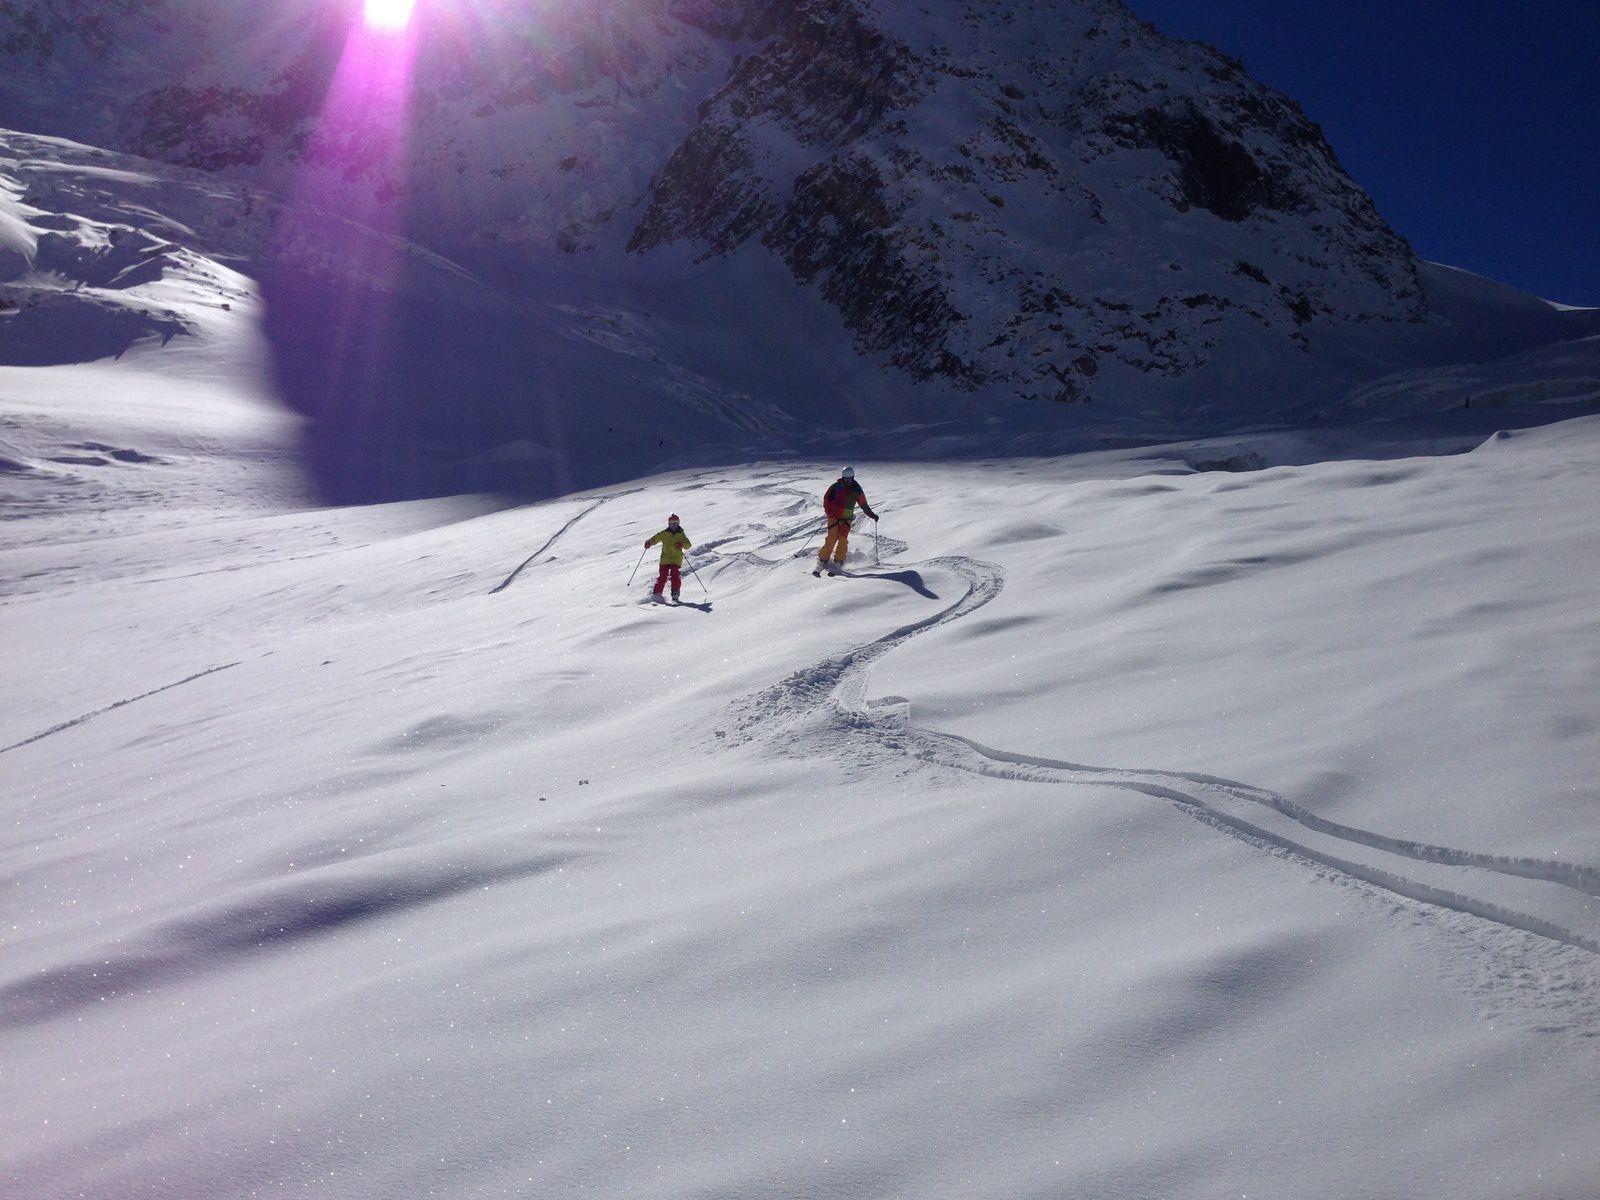 Free Ride à l'Aiguille du Midi http://www.geromegualaguidechamonix.com